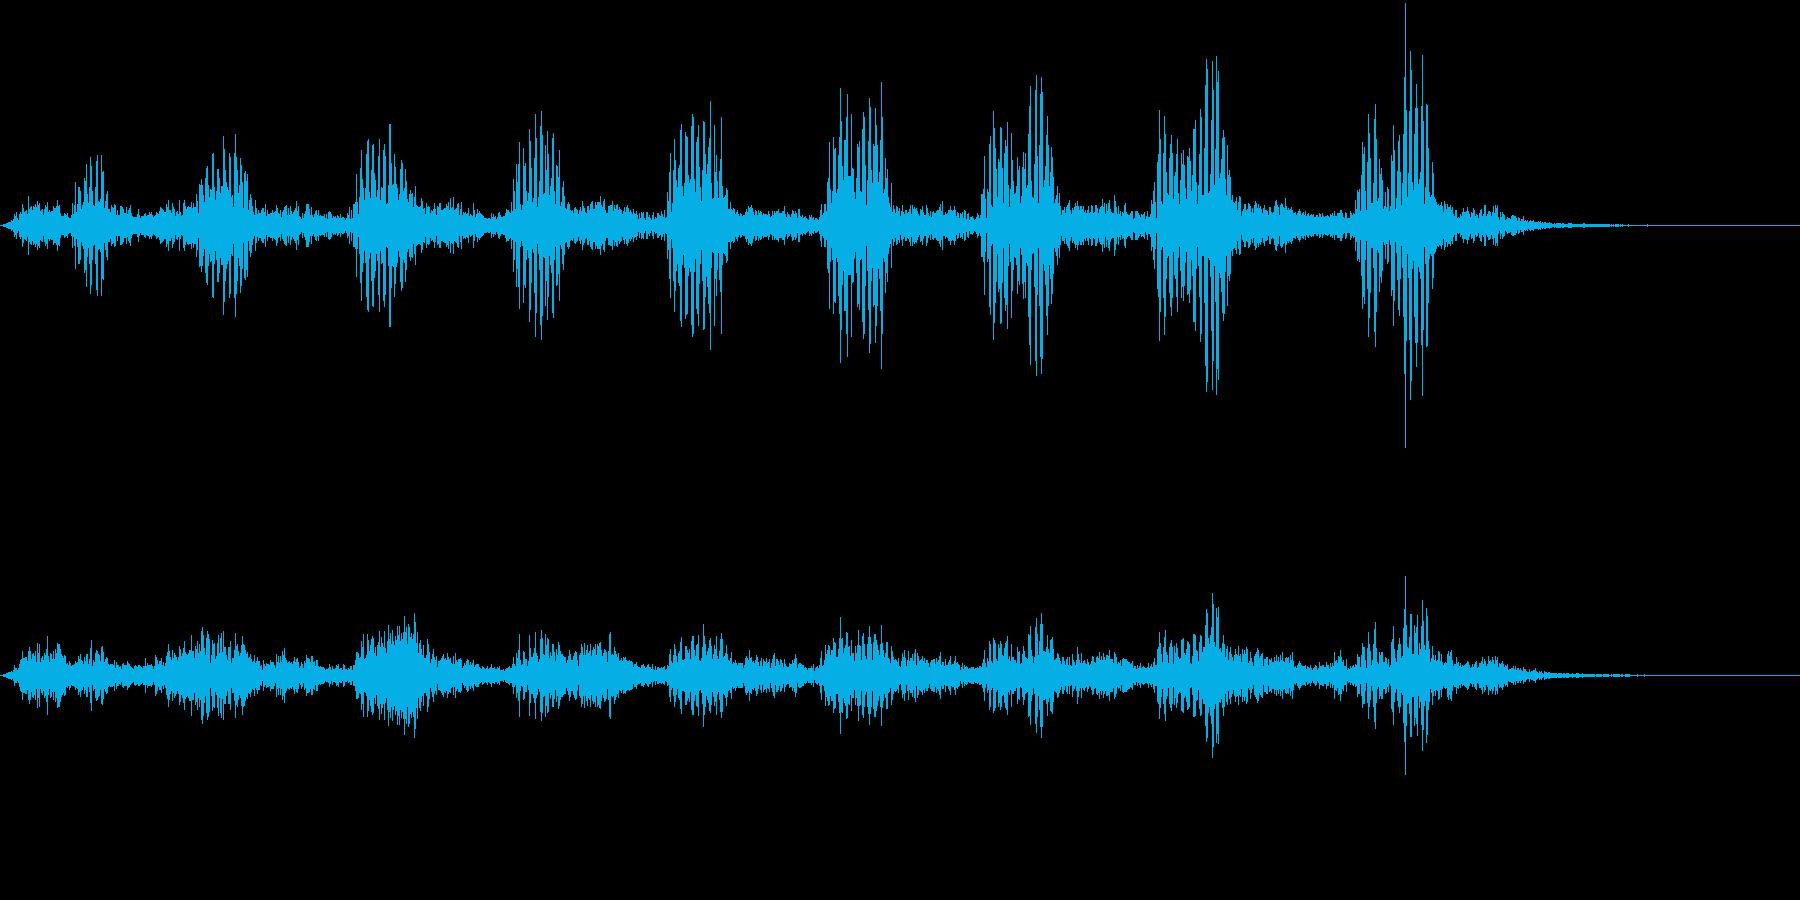 【生録音】フラミンゴの鳴き声 28の再生済みの波形